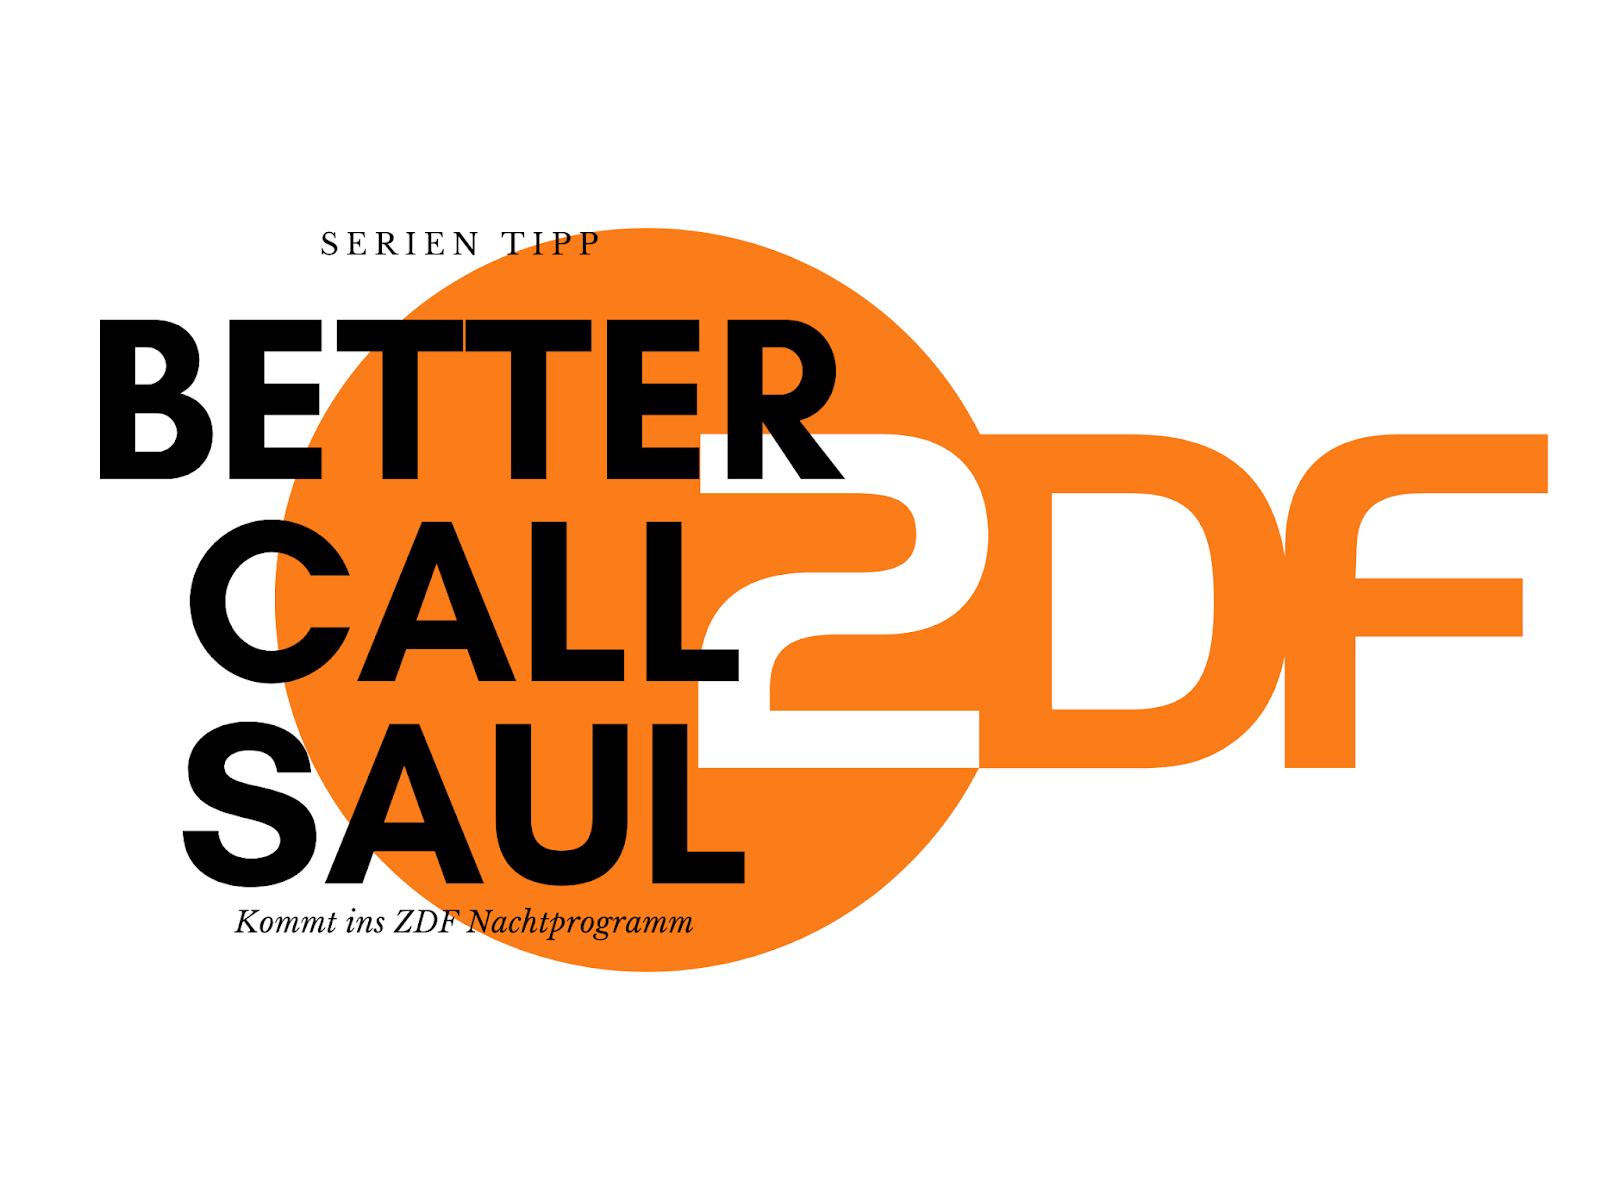 Better Call Saul kommt ins Nachtprogramm des ZDF   Schaltet schon mal die Mediathek scharf, hier kommt ein Tipp